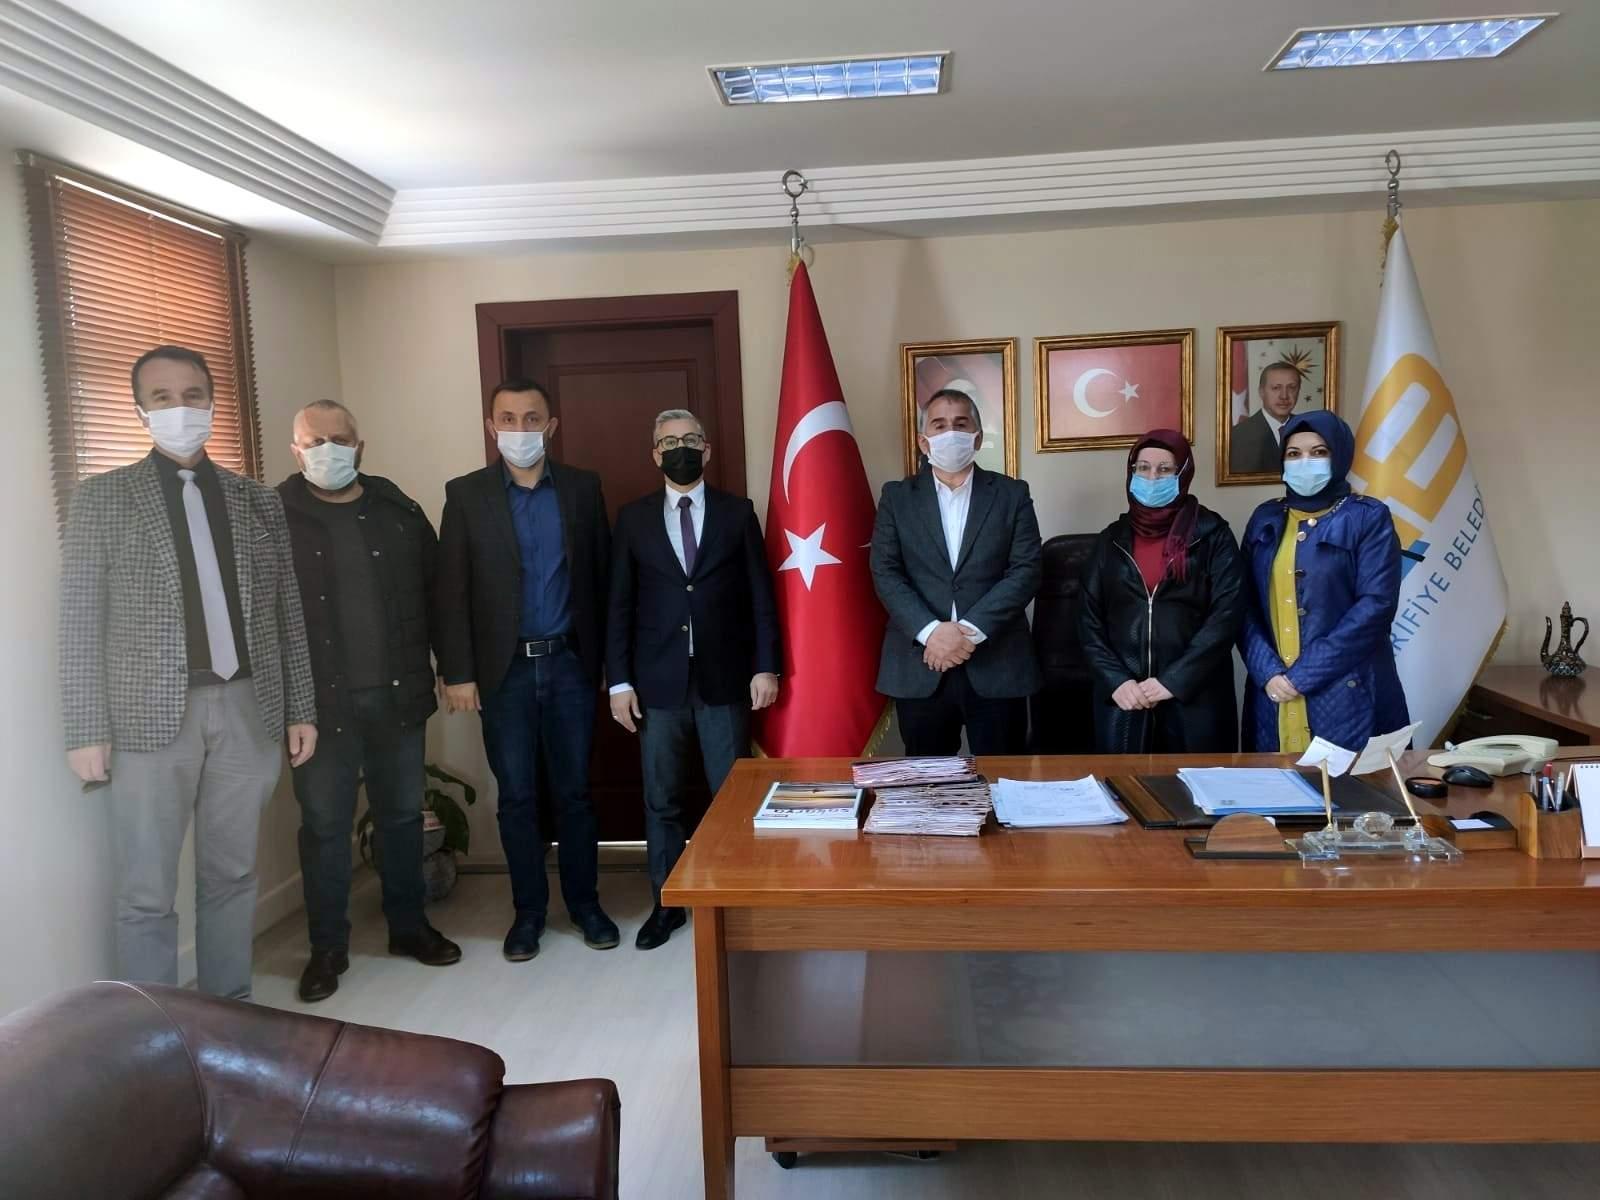 MHP'li Başkan Şekerli'den Arifiye Belediyesi'ne nezaket ziyareti